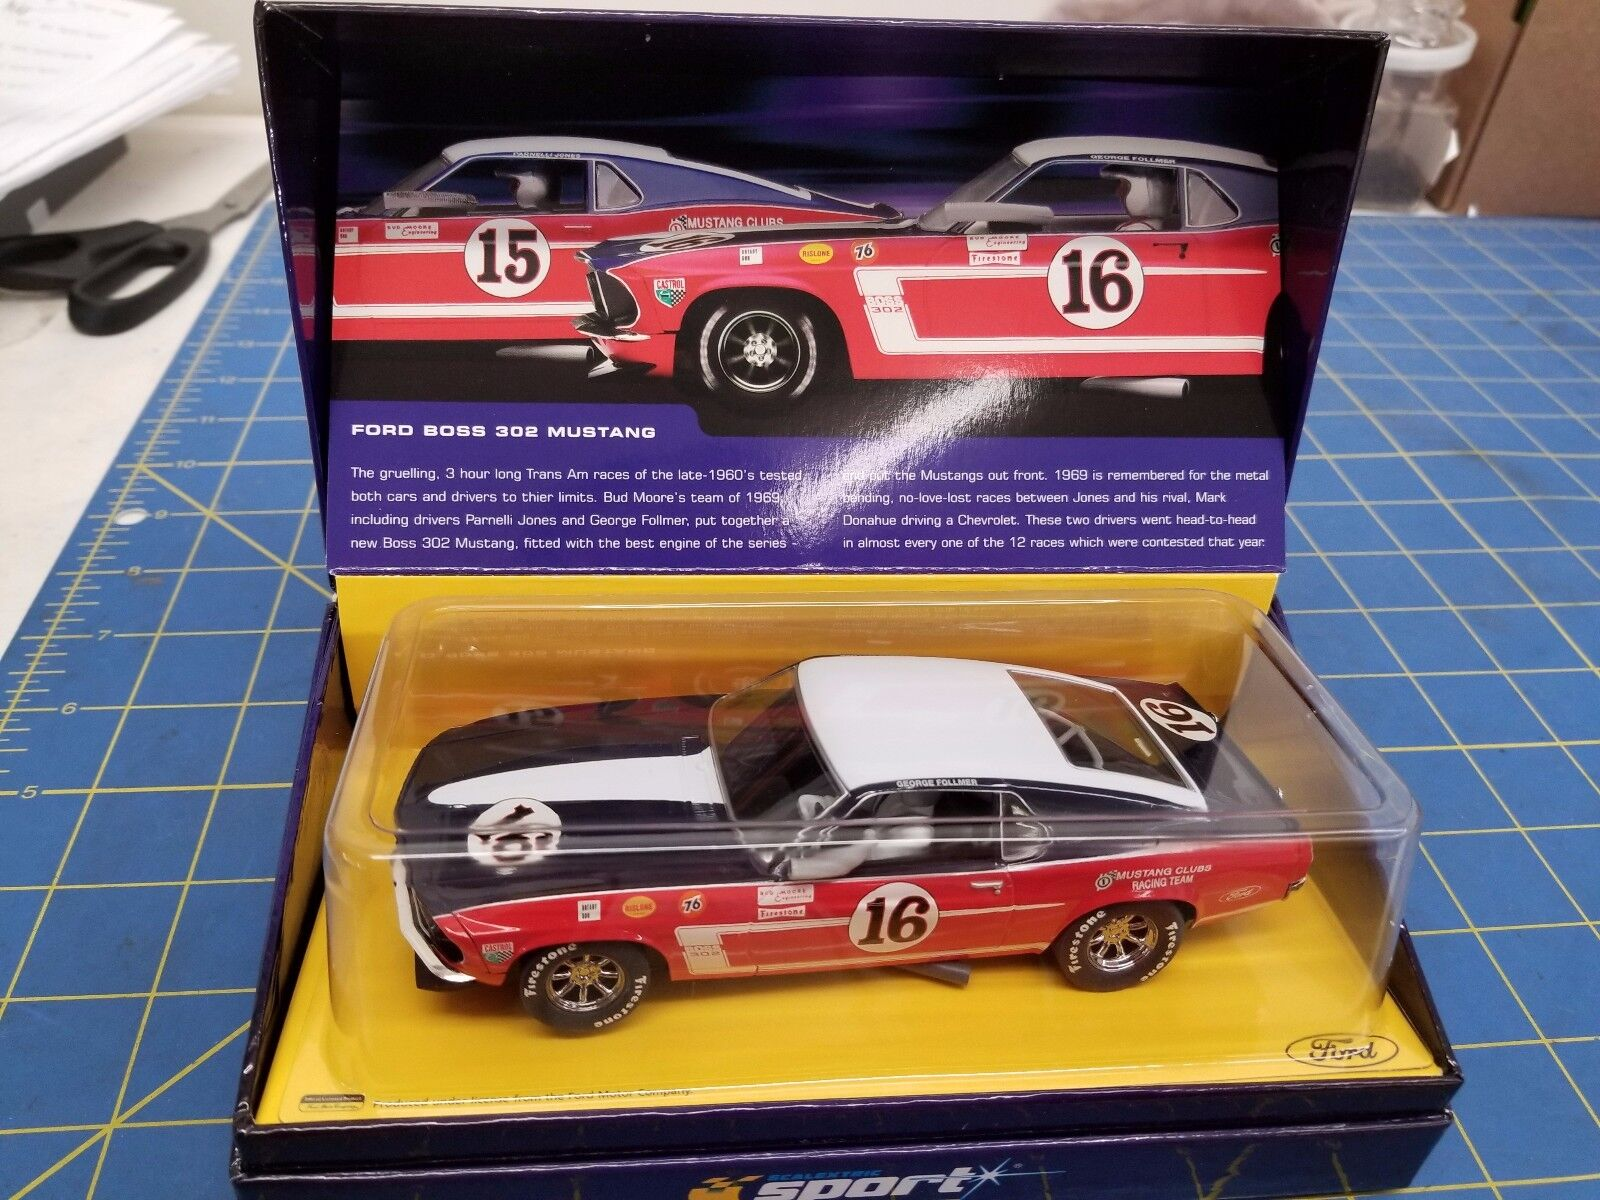 Scalextric C2402AT Ford Mustang Boss 302 edición limitada de 69 Nº 16 1/32 ranura de coche